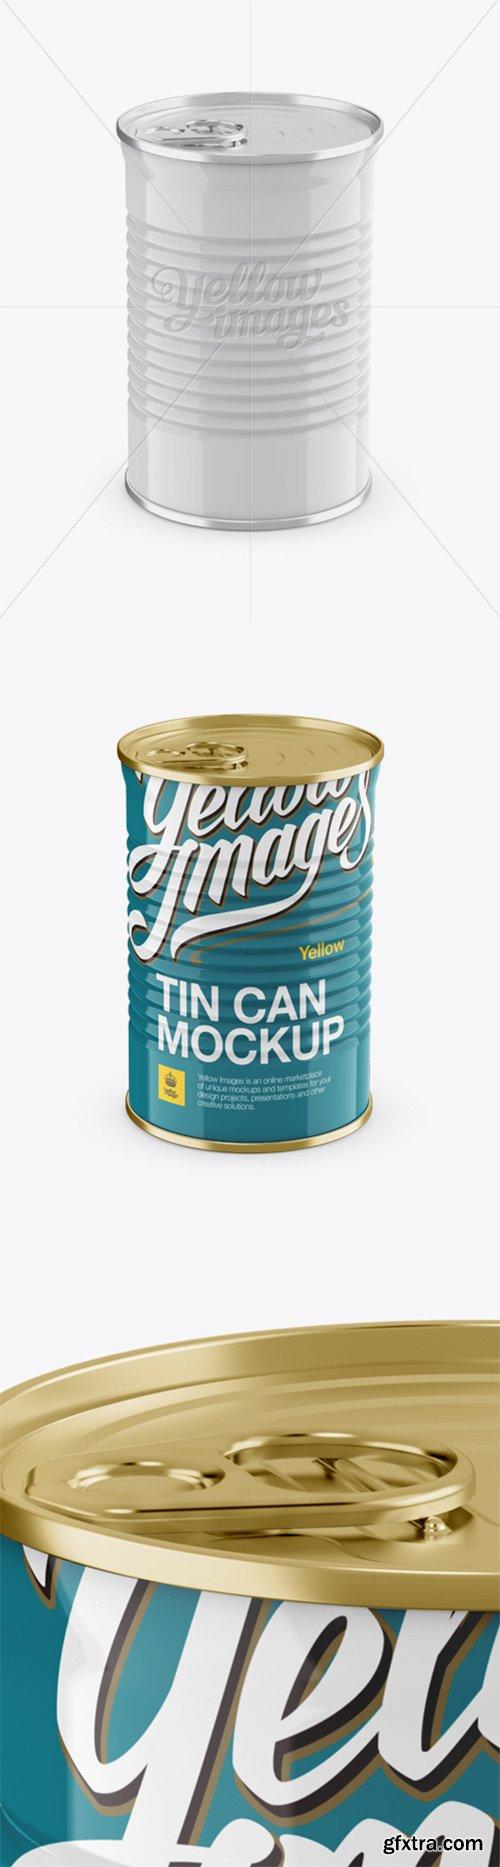 Tin Can w/ Metal Rim Mockup (High-Angle Shot) 12647